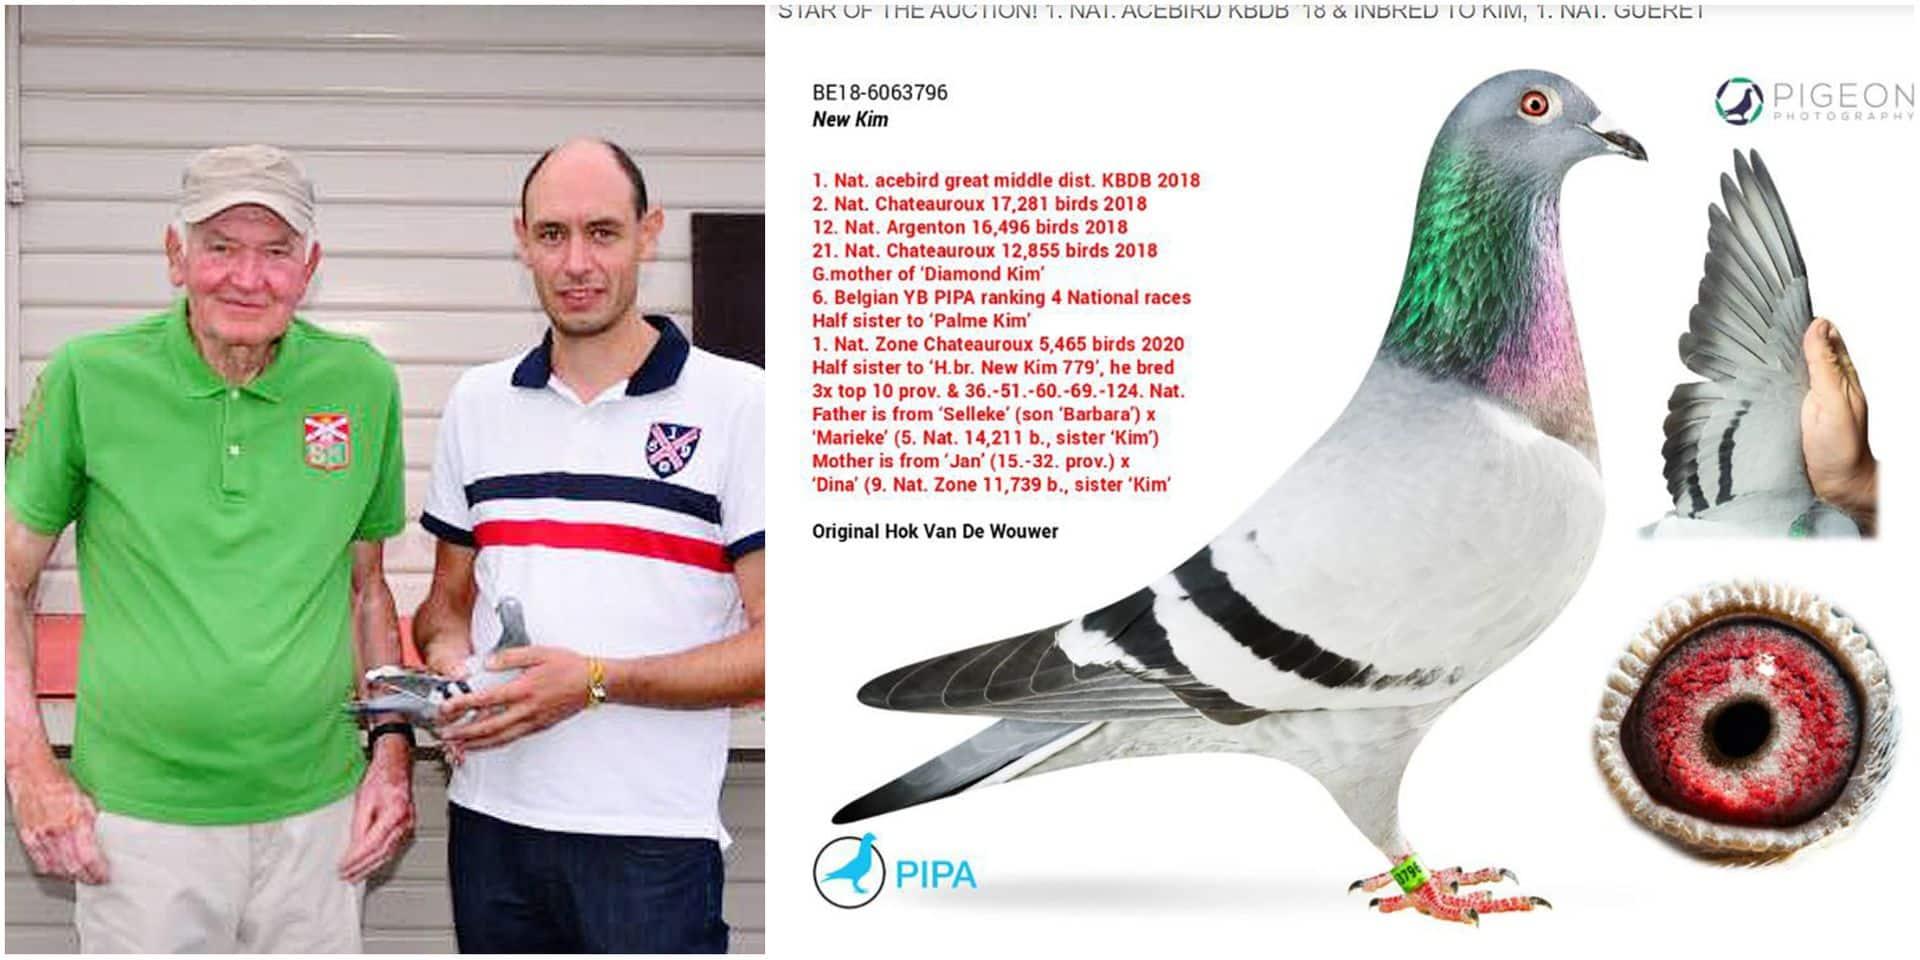 New Kim est le pigeon le plus cher du monde: mis aux enchères à 200 euros, il va être vendu pour au moins 1,3 million d'euros !